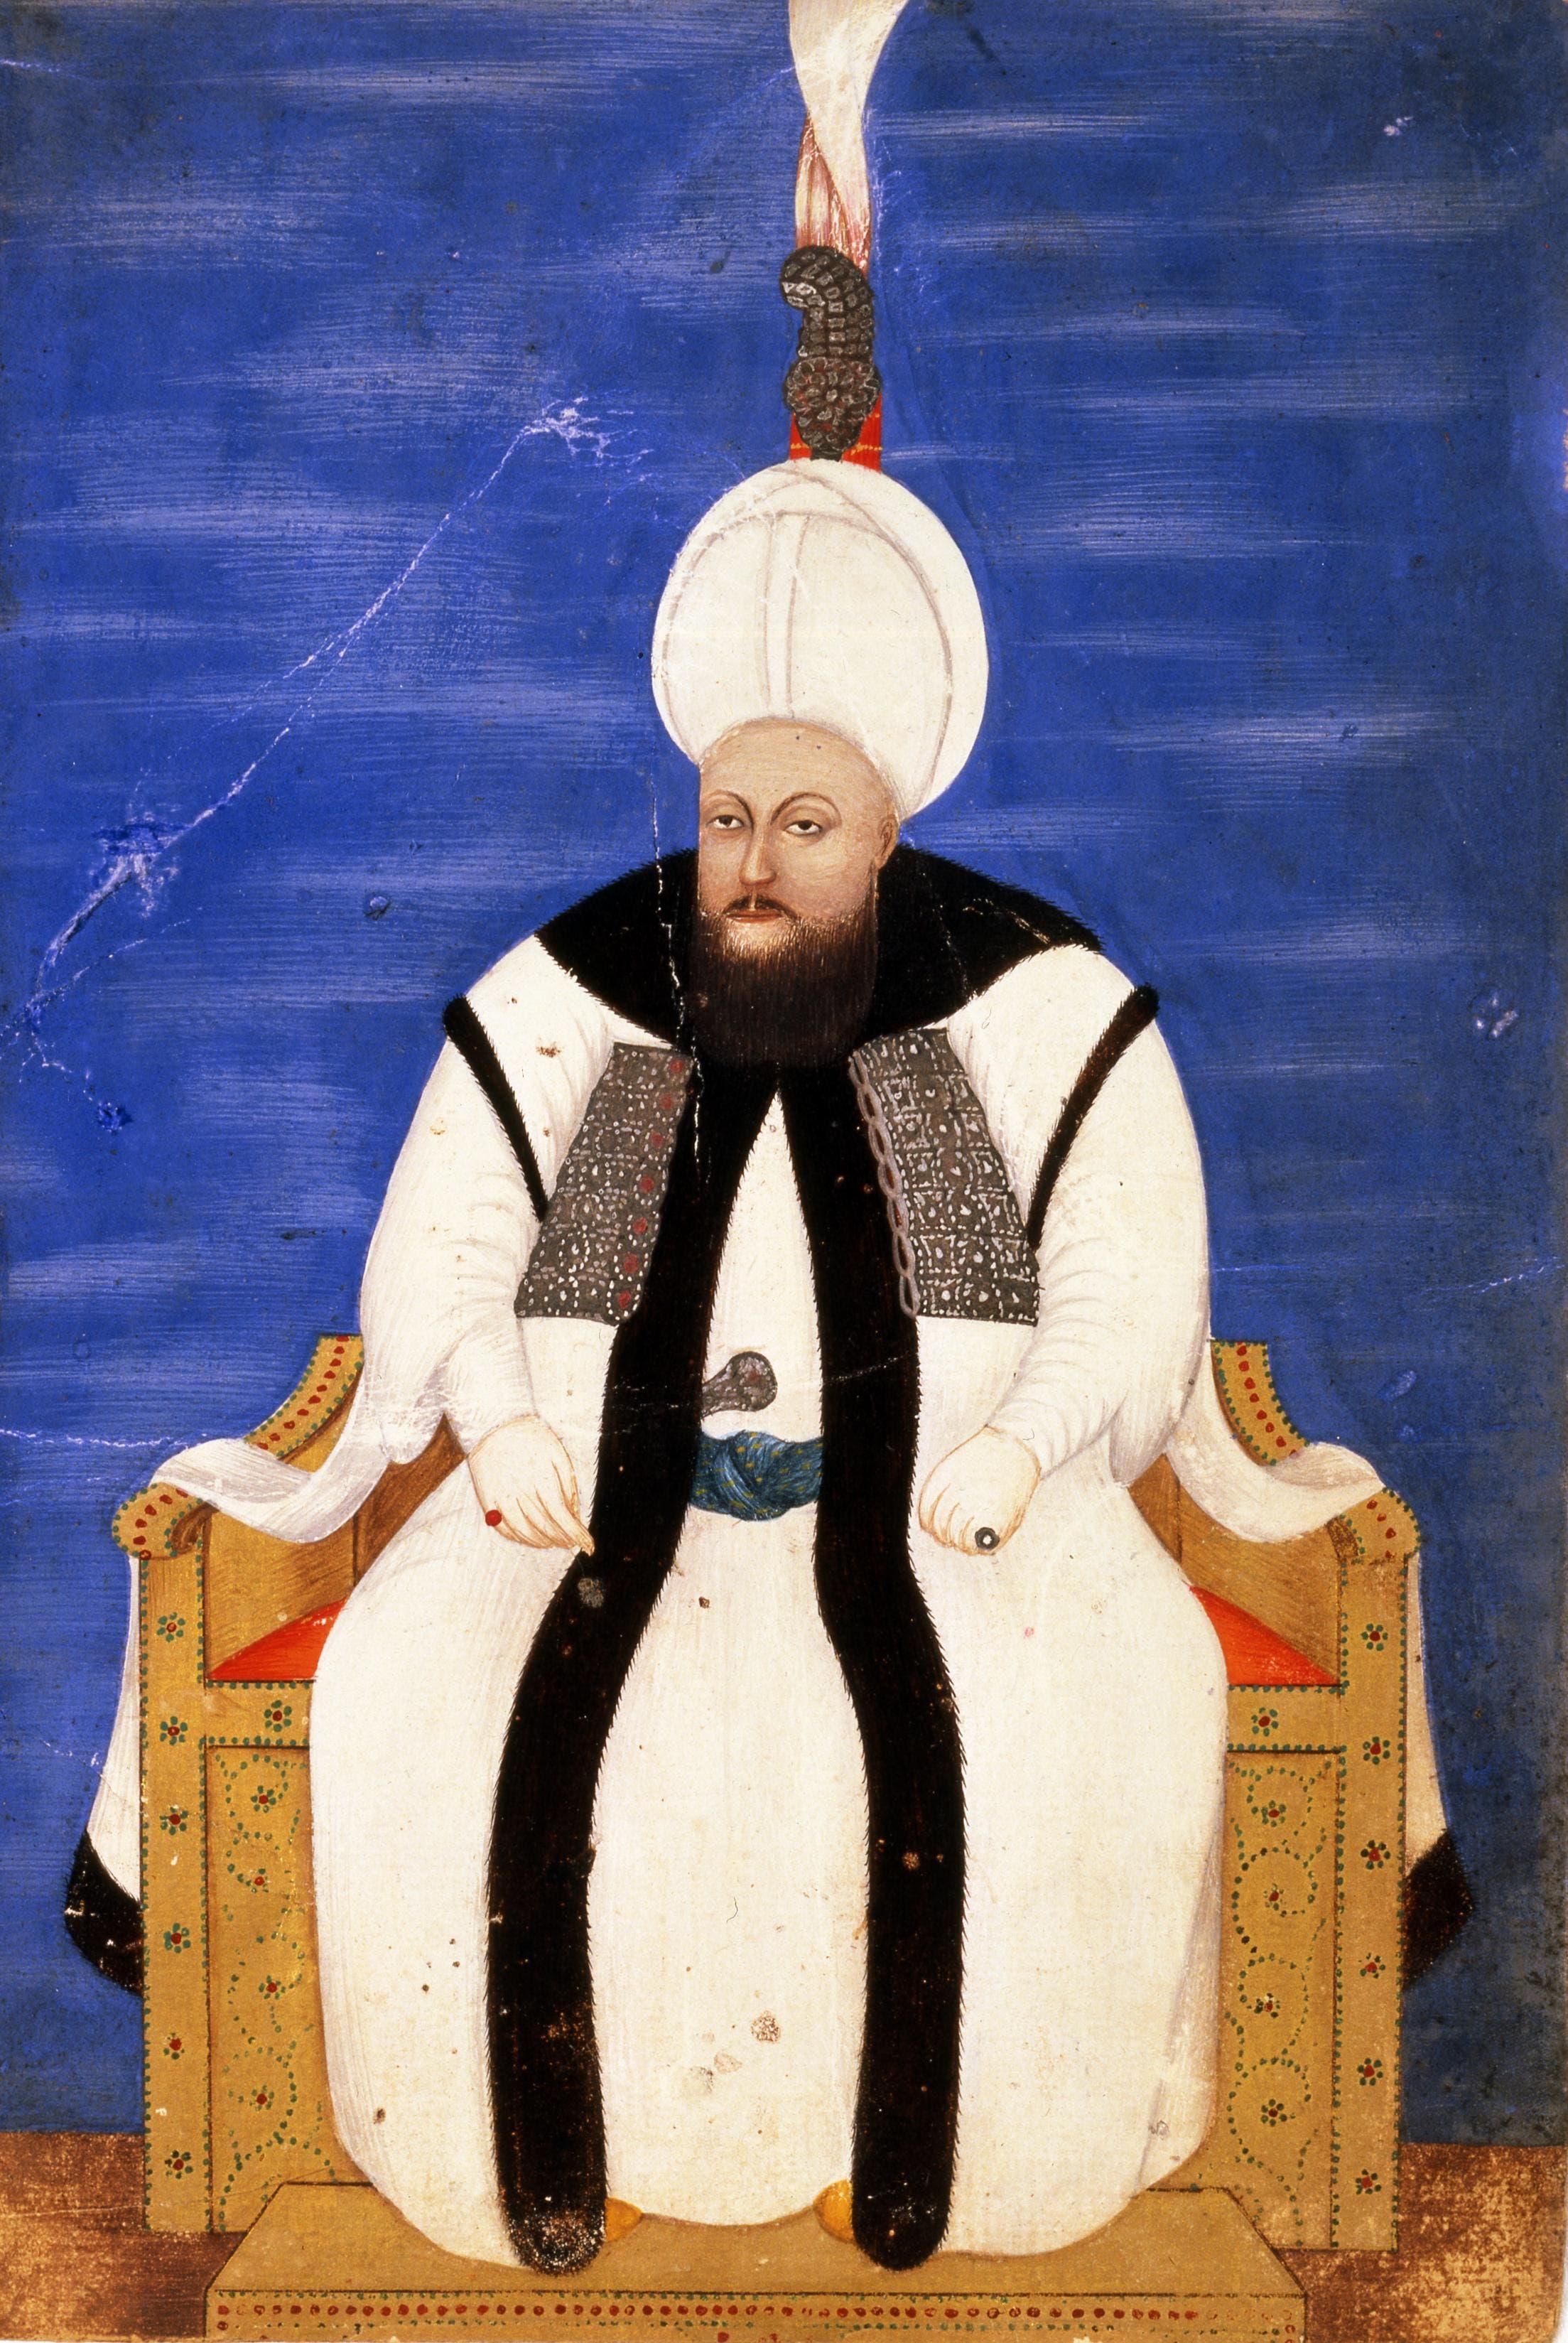 لوحة تجسد السلطان العثماني مصطفى الثالث